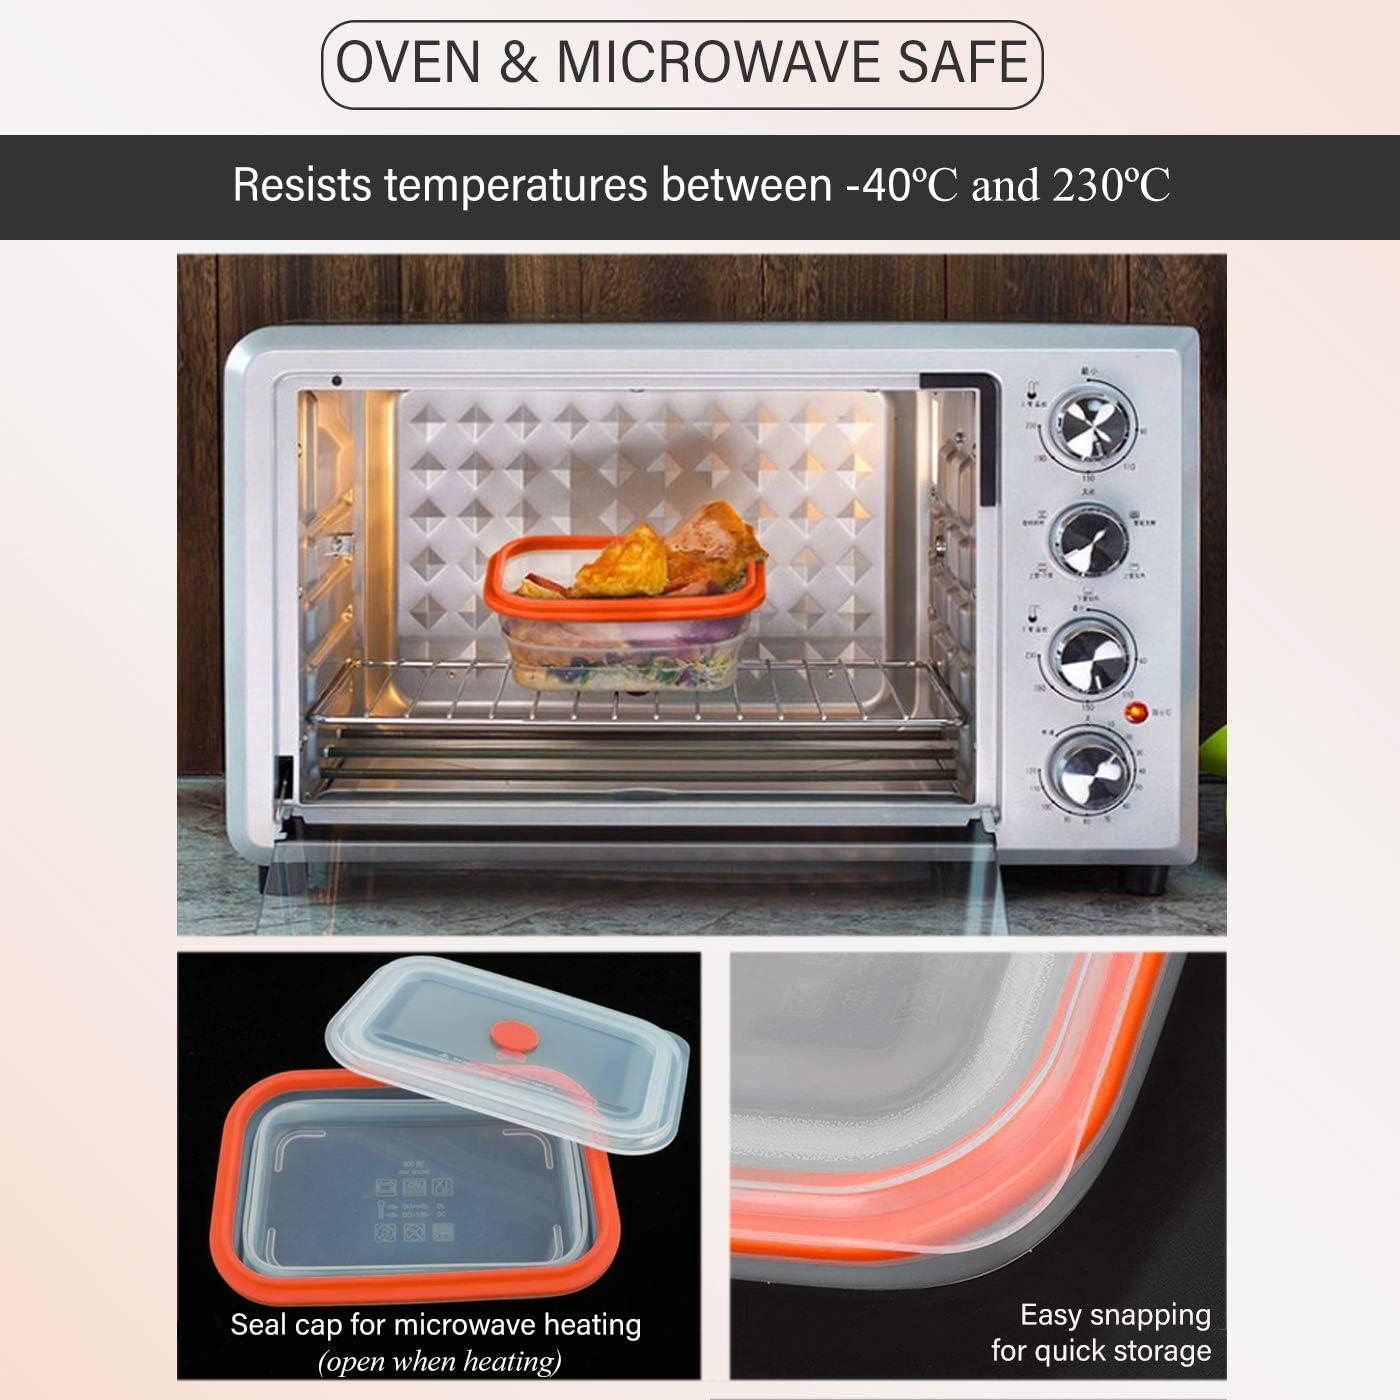 Crisolux Estuche Vapor microondas Silicona vaporera microondas Papillote para cocinar al Vapor Lavado facil al lavavajillas (1-2 Personas 600ml): Amazon.es: Hogar